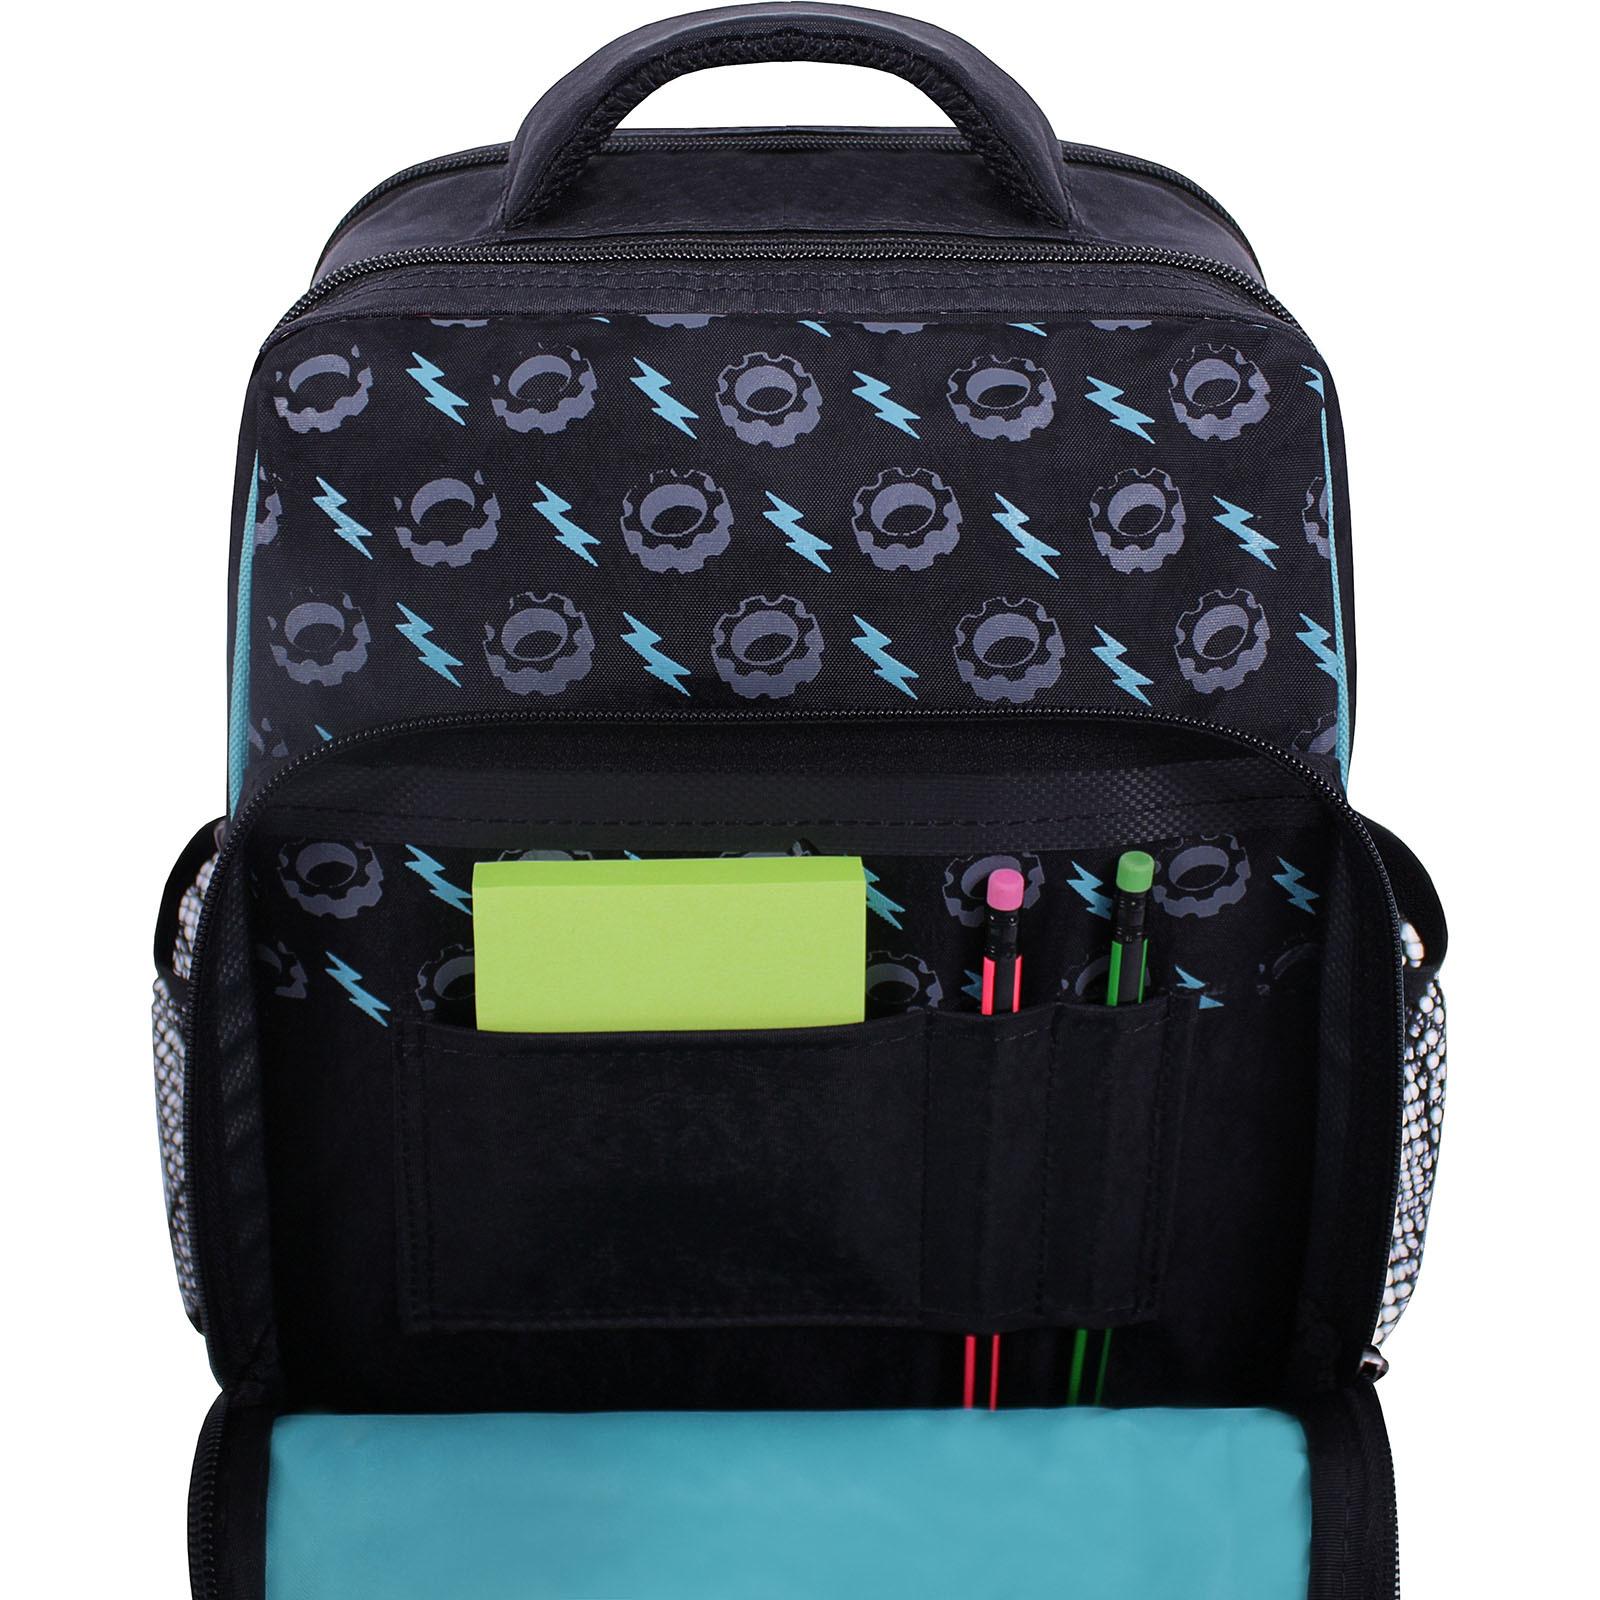 Рюкзак школьный Bagland Школьник 8 л. Черный 419 (0012870) фото 4